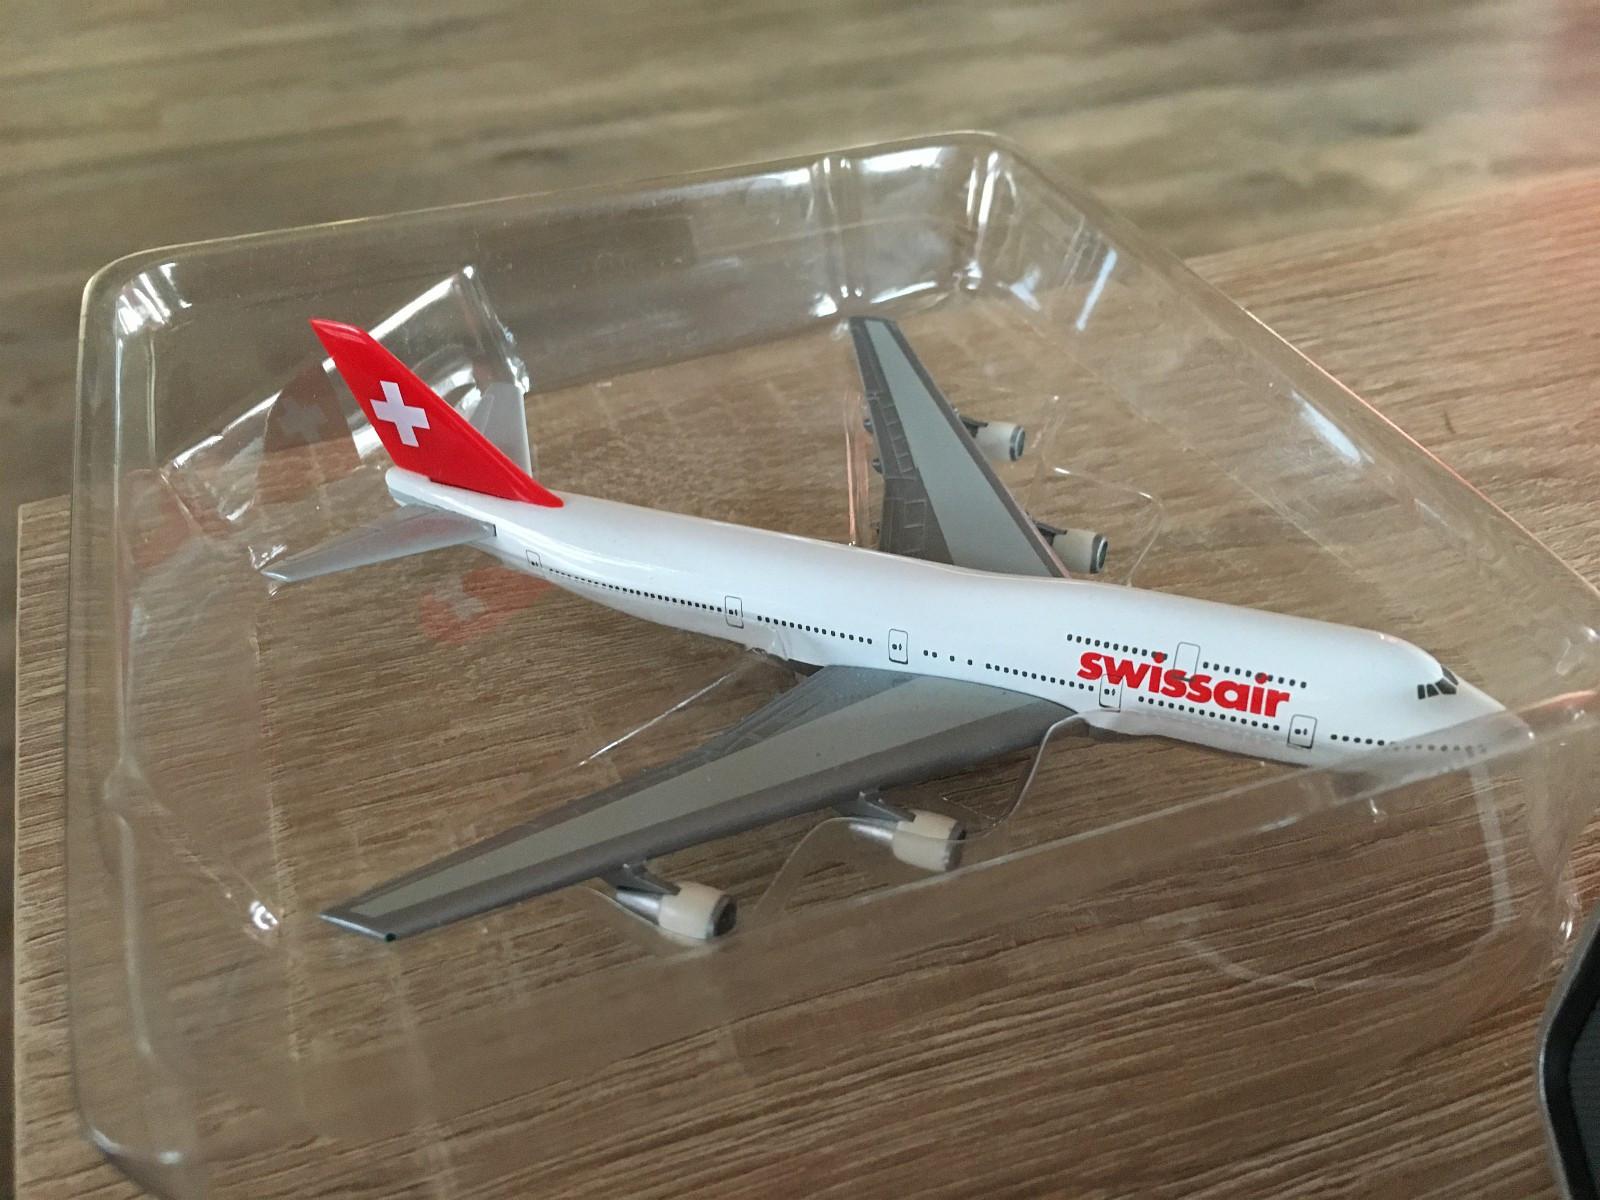 """Swissair B747 herpa 1:400 - Tromsø  - Swissair """"herpa"""" modell i 1:400 av B747 selges. Kan sendes. - Tromsø"""